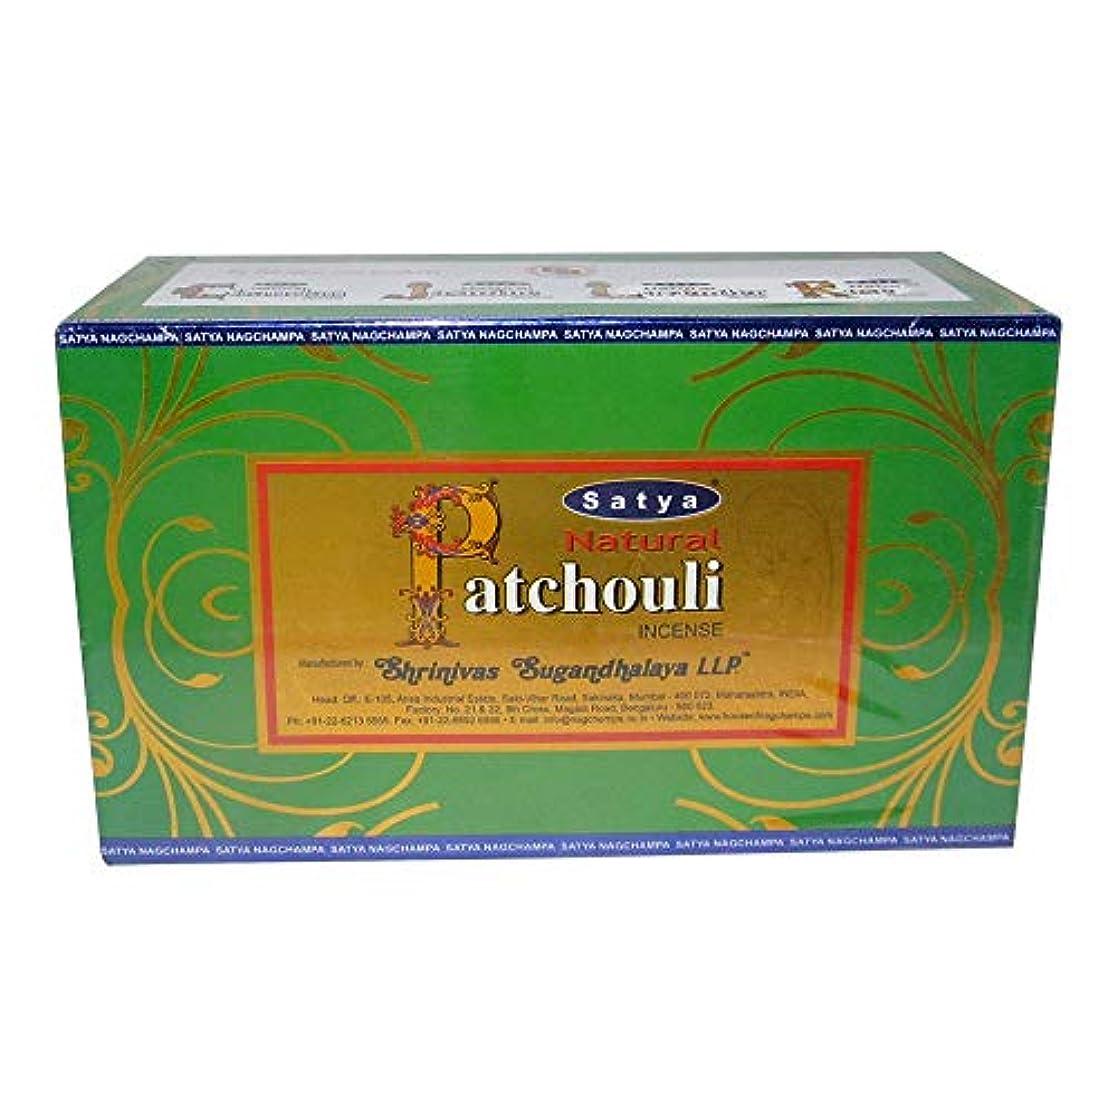 できれば傀儡知恵自然Patchouli Incense Sticks – By Satya Nag Champa – パックof 15 g x 12ボックス – 180 g合計